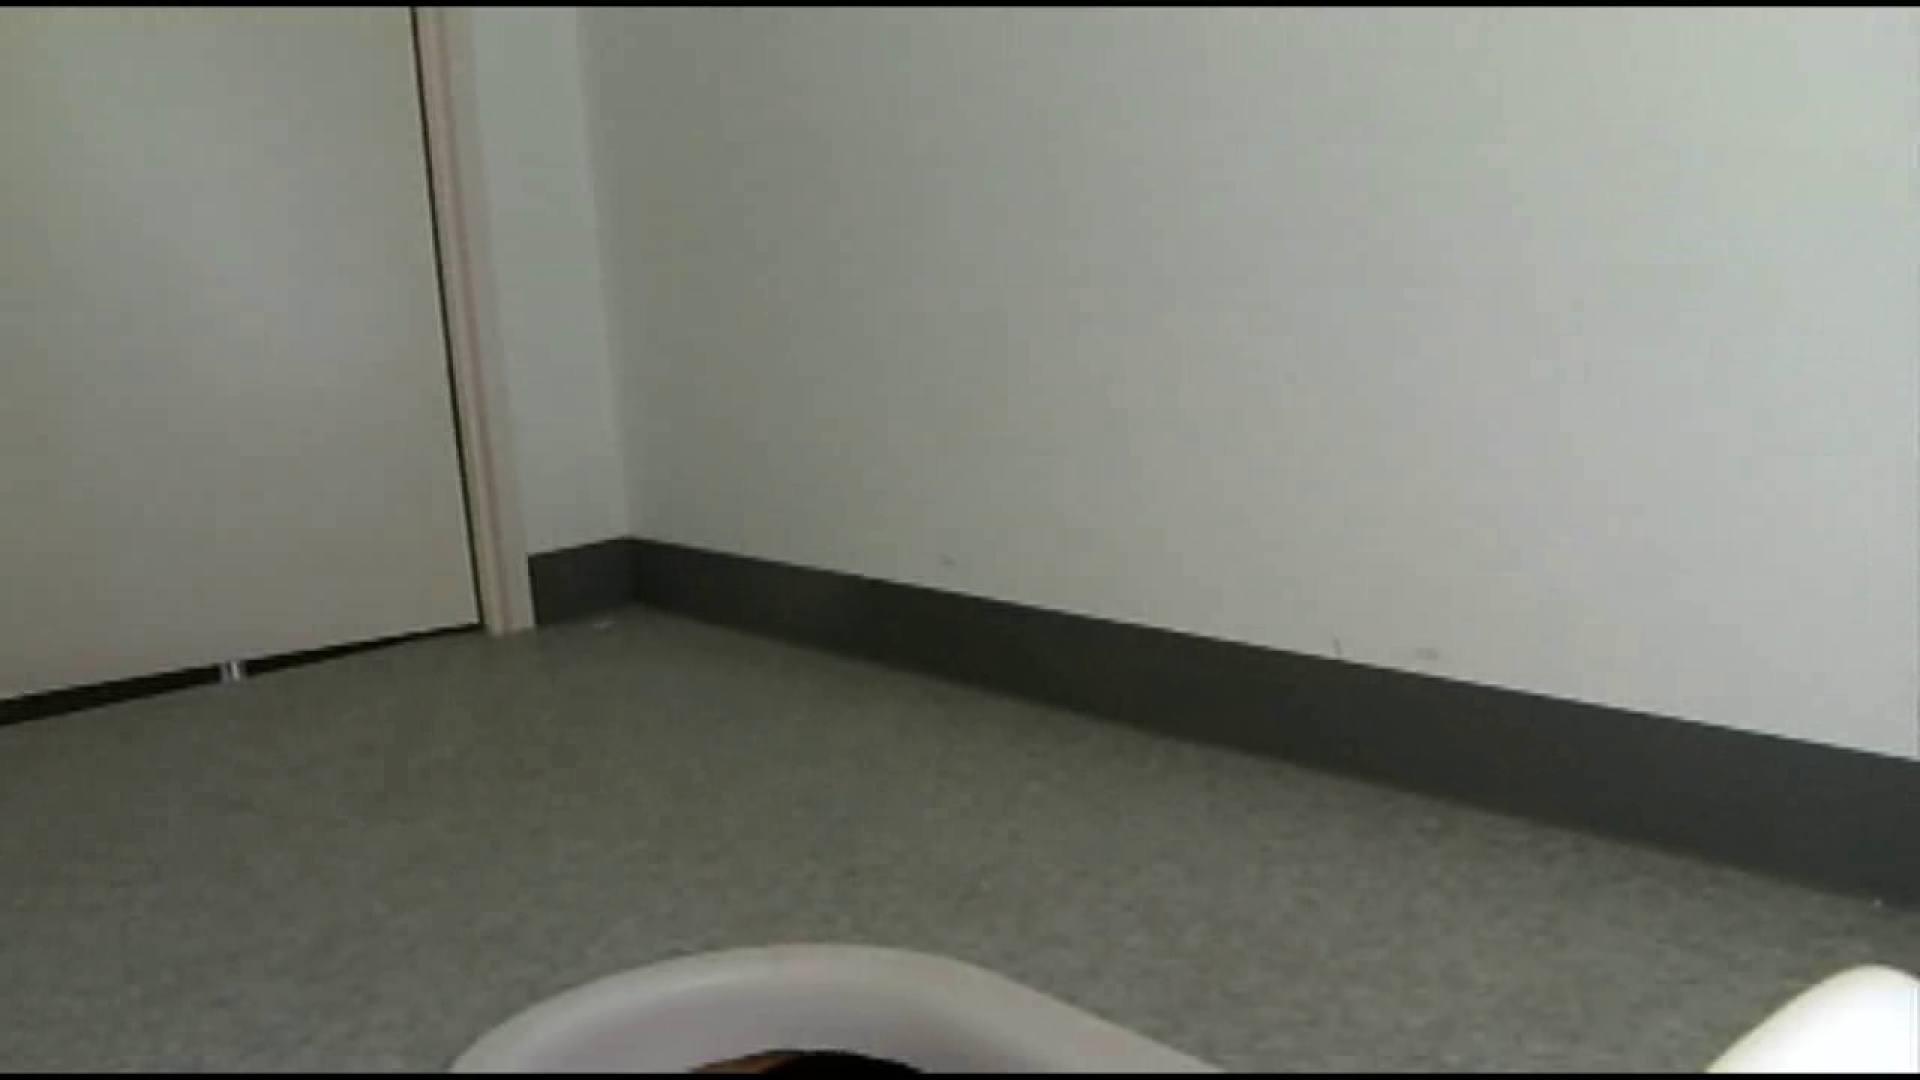 和式にまたがる女たちを待ちうけるカメラの衝撃映像vol.01 厠 | 接写  101pic 2